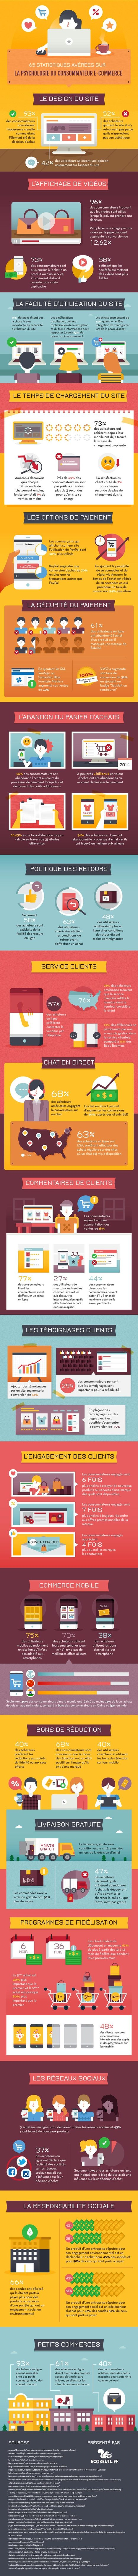 Infographie : comprendre la psychologie du consommateur e-commerce - Blog freelance | ADN Web Marketing | Scoop.it